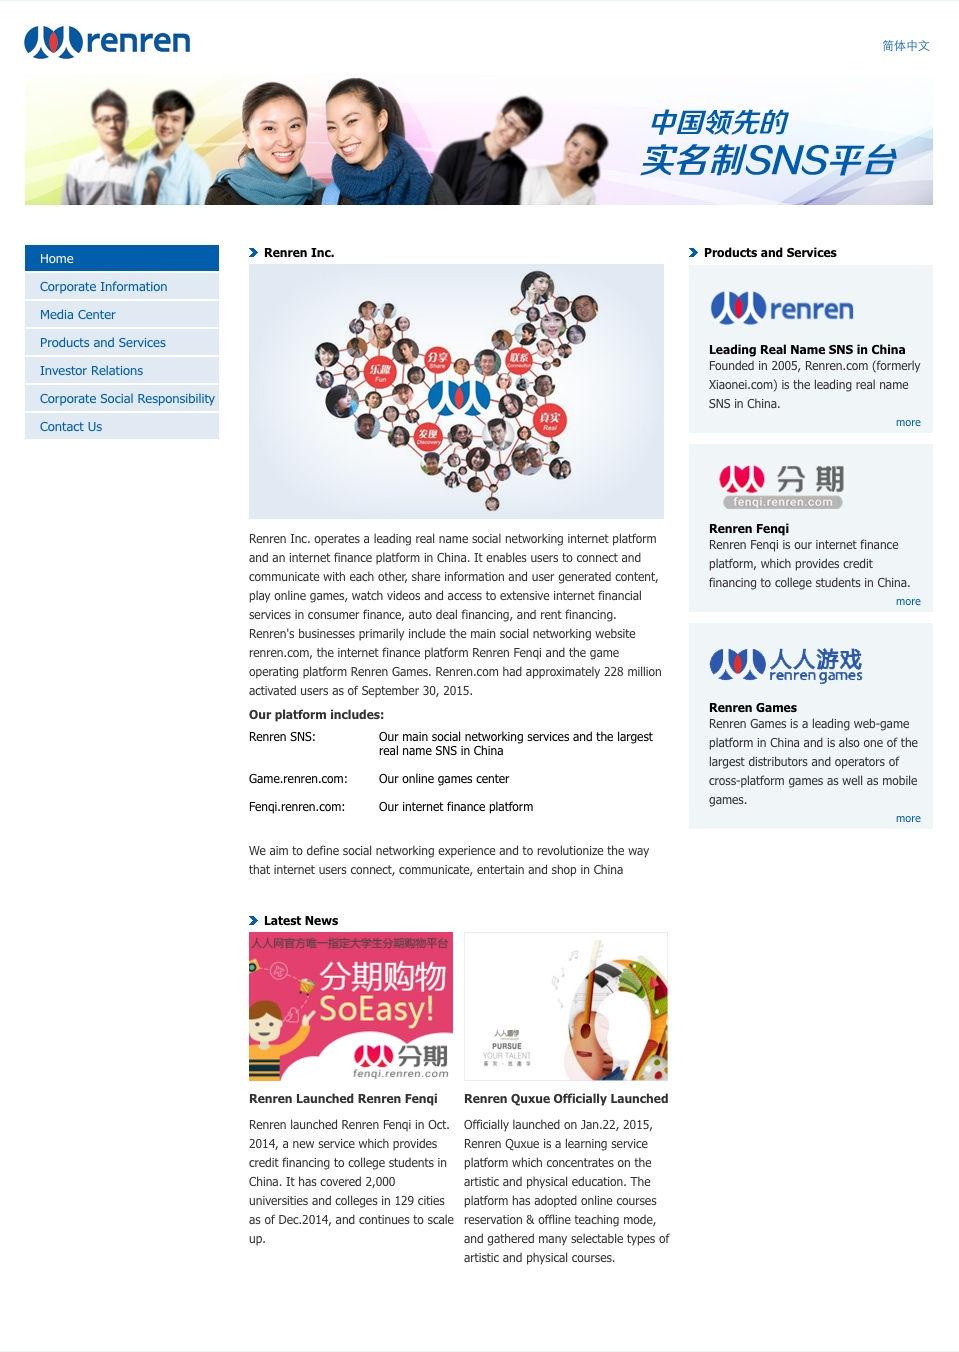 redes-sociales-y-sus-características-ren-ren